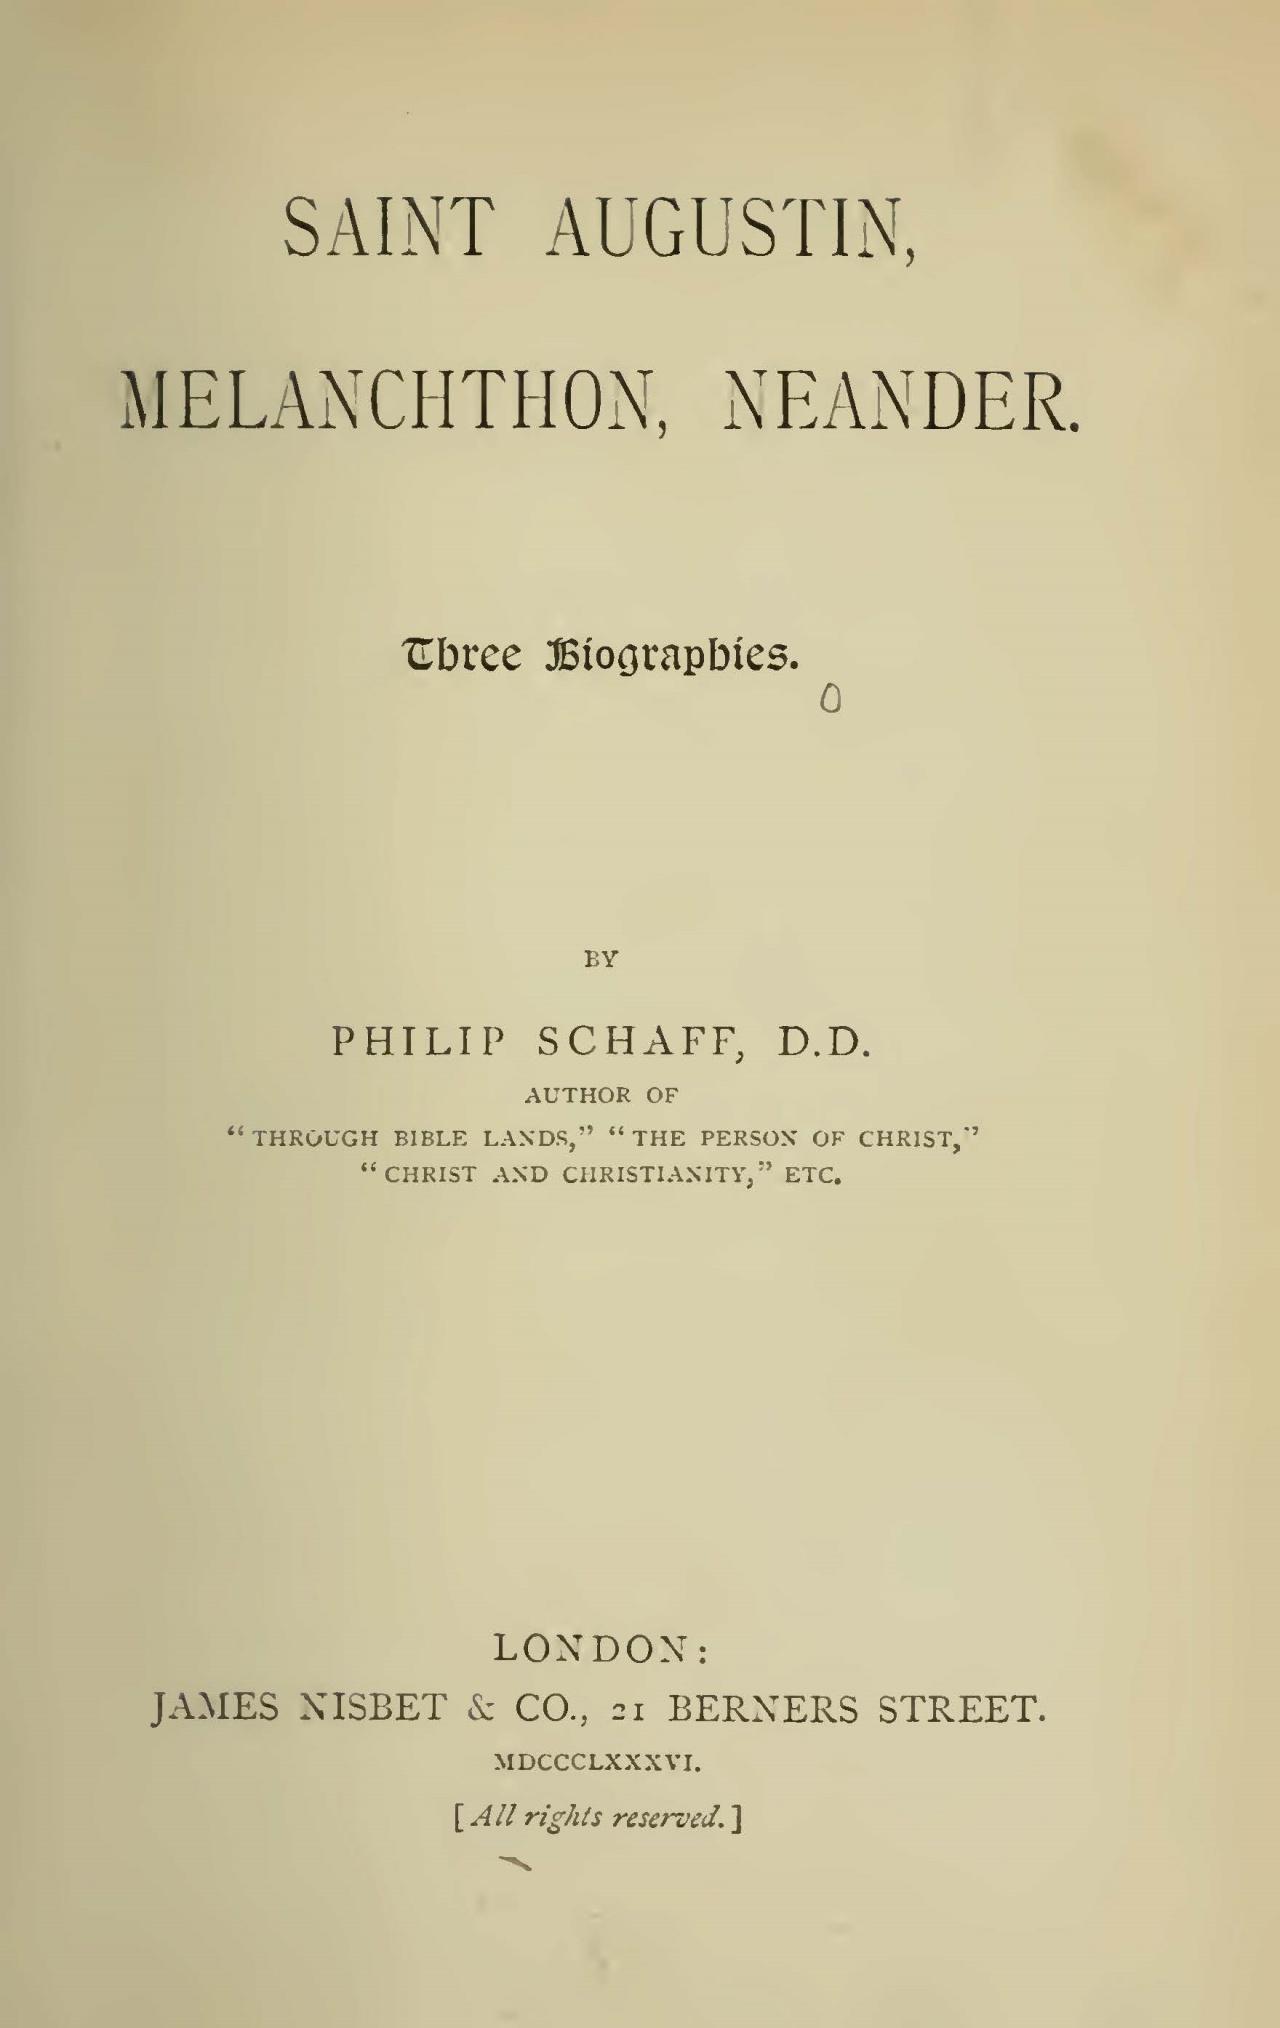 Schaff, Philip, Saint Augustin, Melanchthon, Neander Title Page.jpg